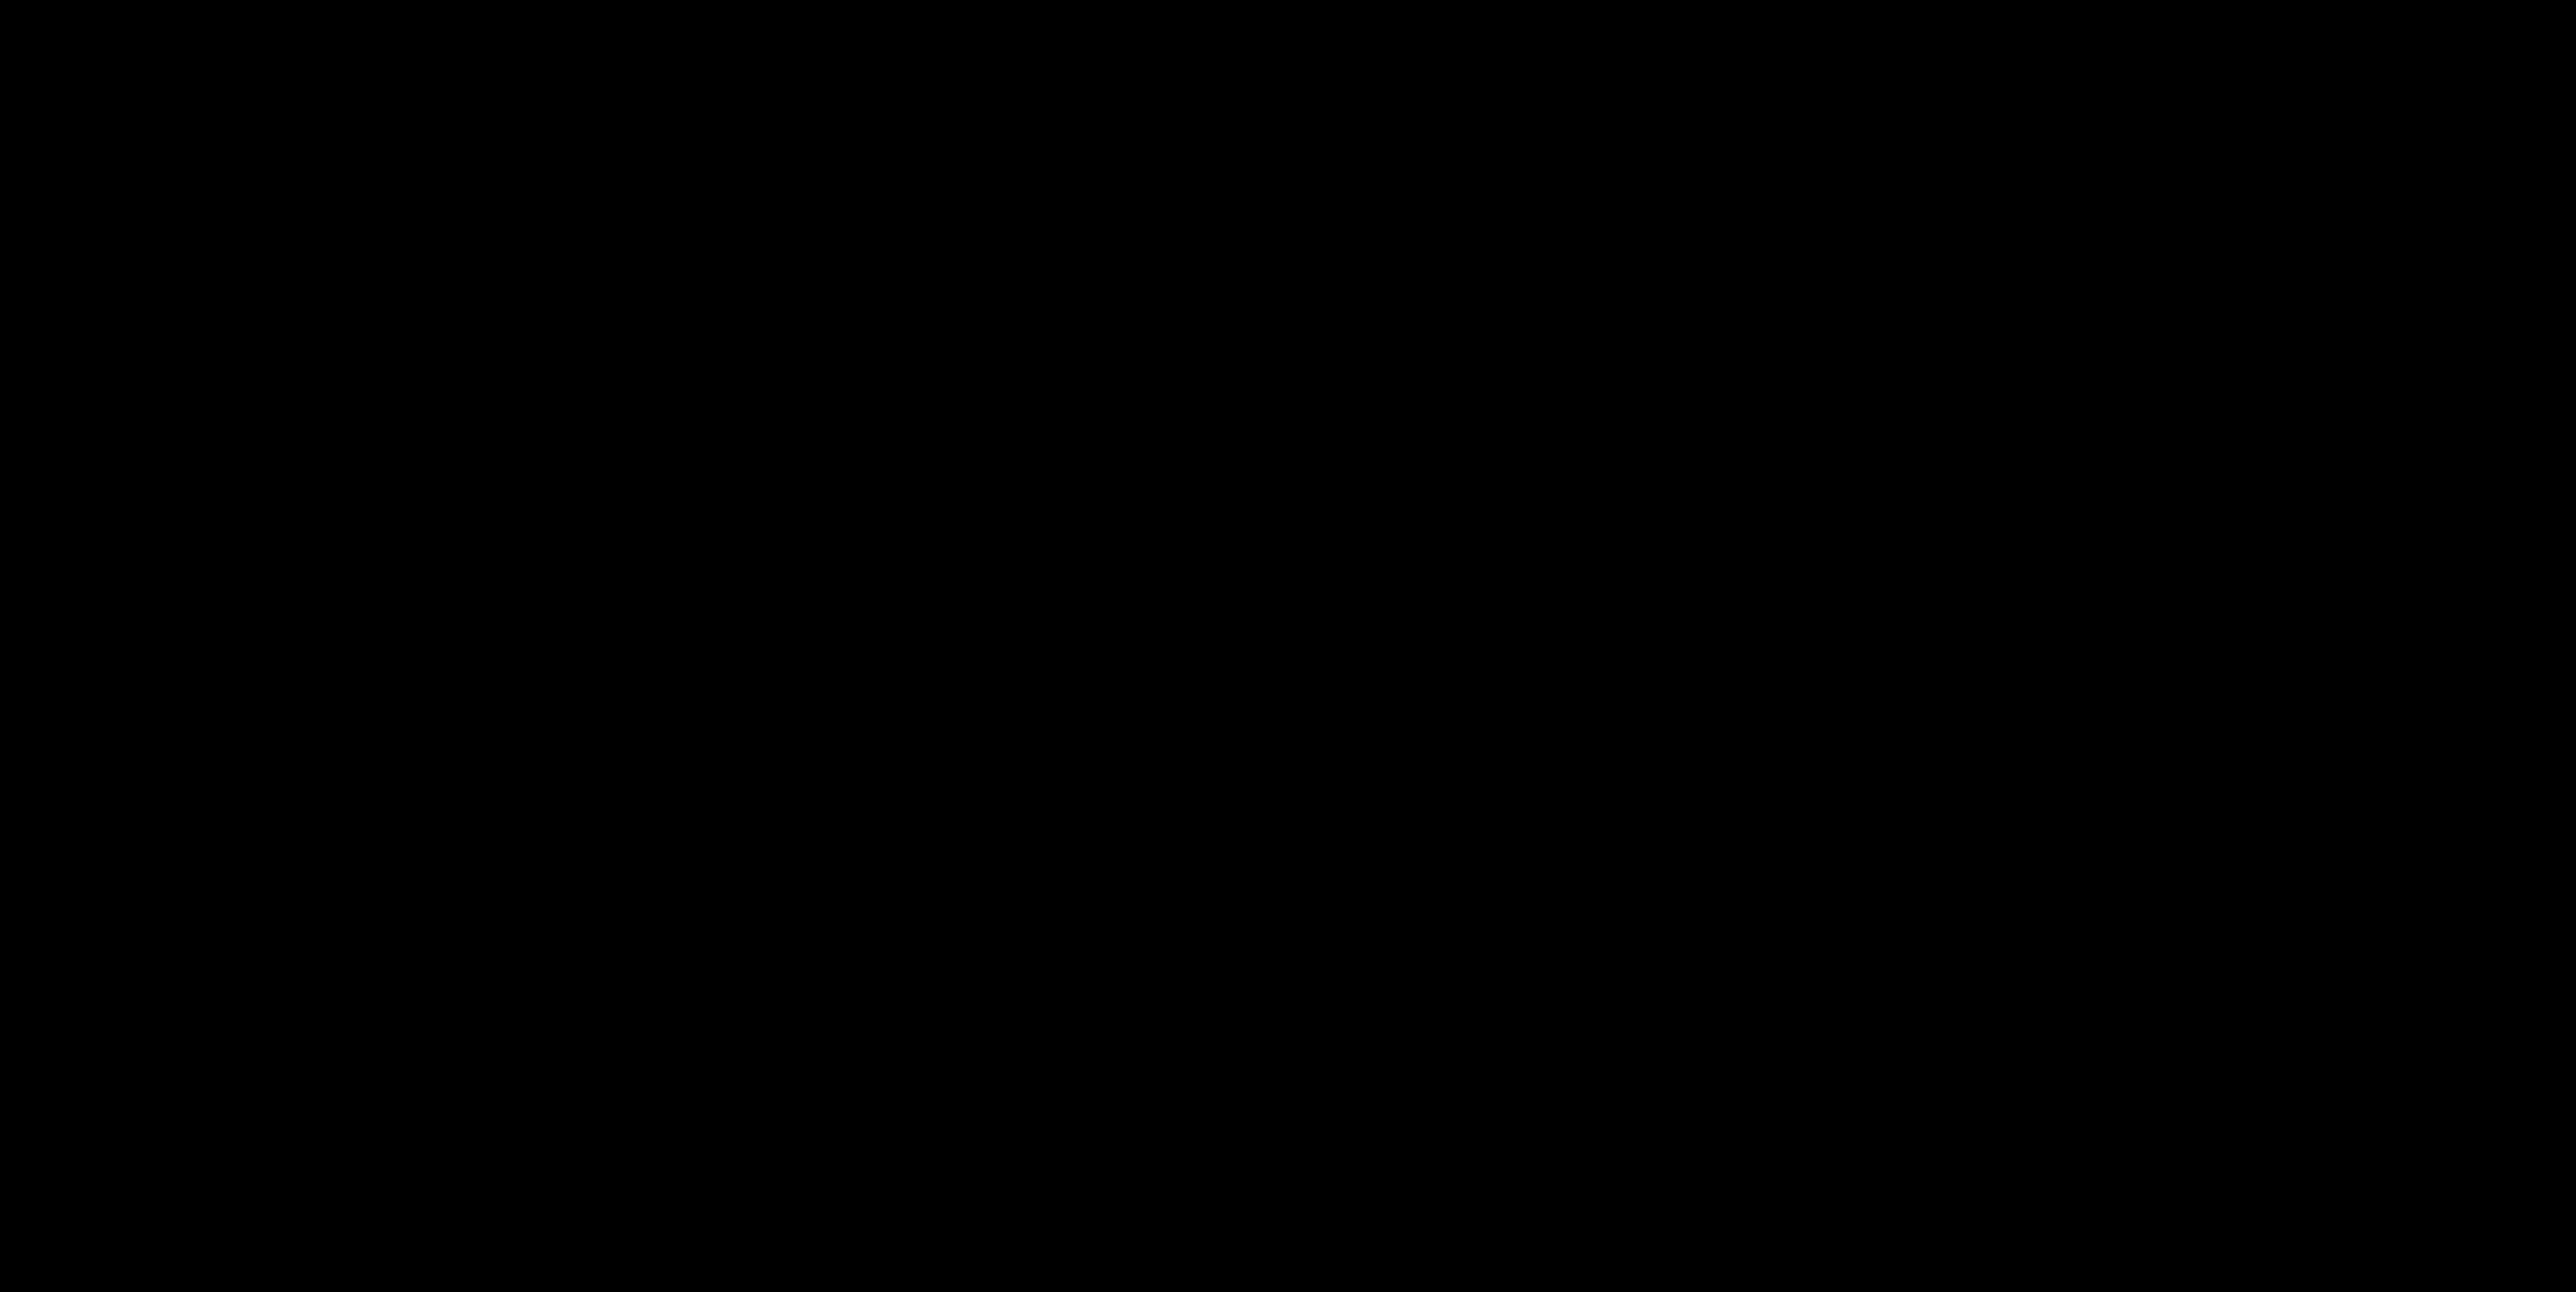 plantomics